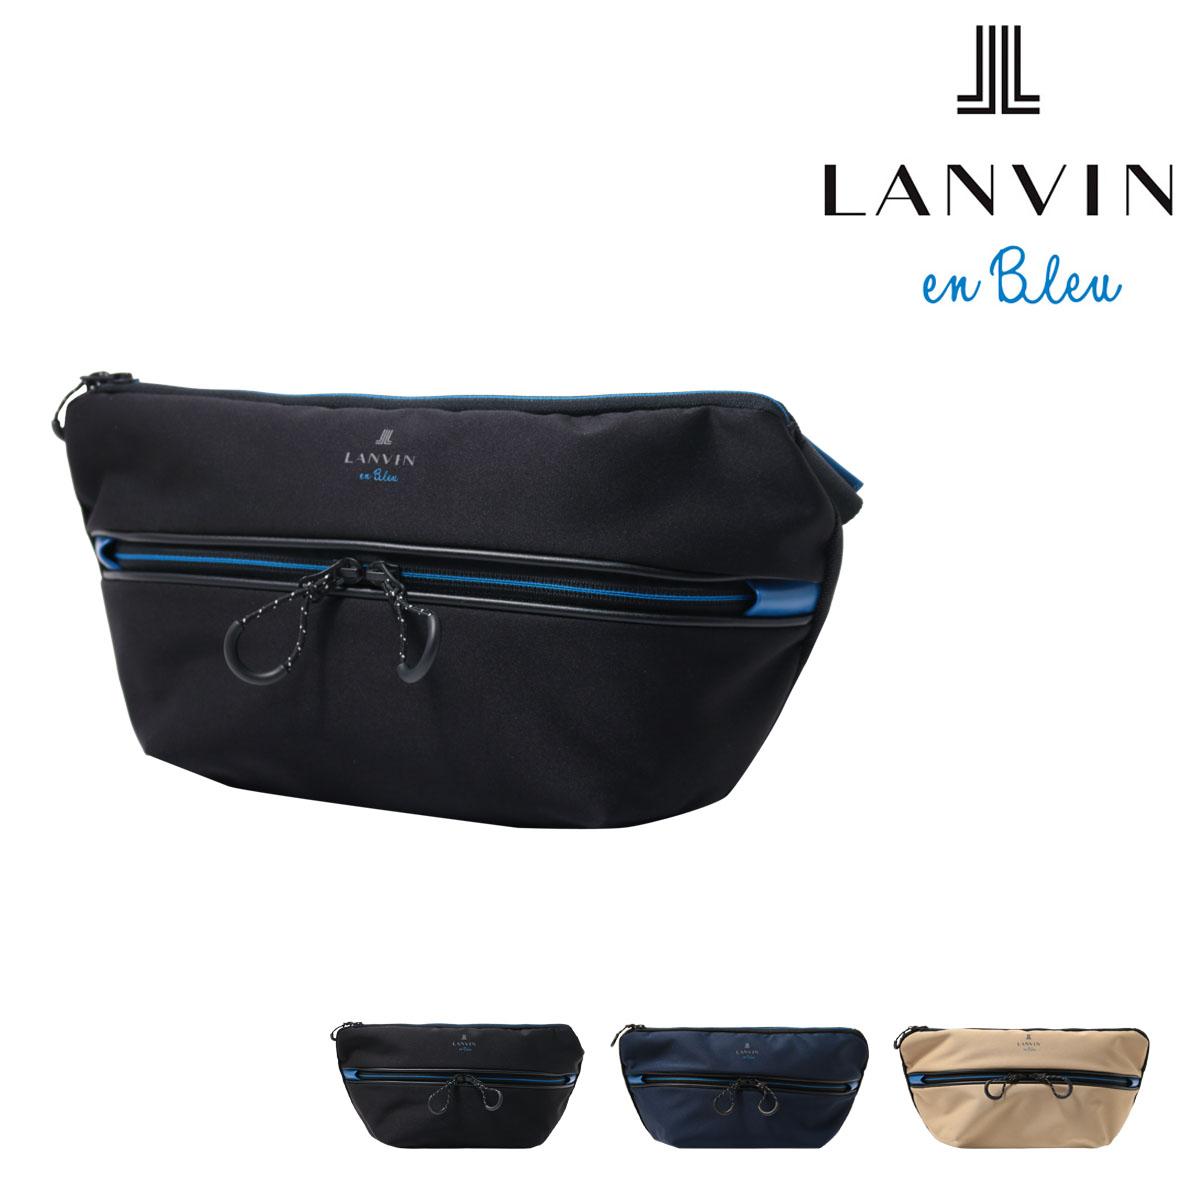 ランバンオンブルー ウエストバッグ ハイゲージ メンズ 569901 LANVIN en Bleu | ウエストポーチ 撥水